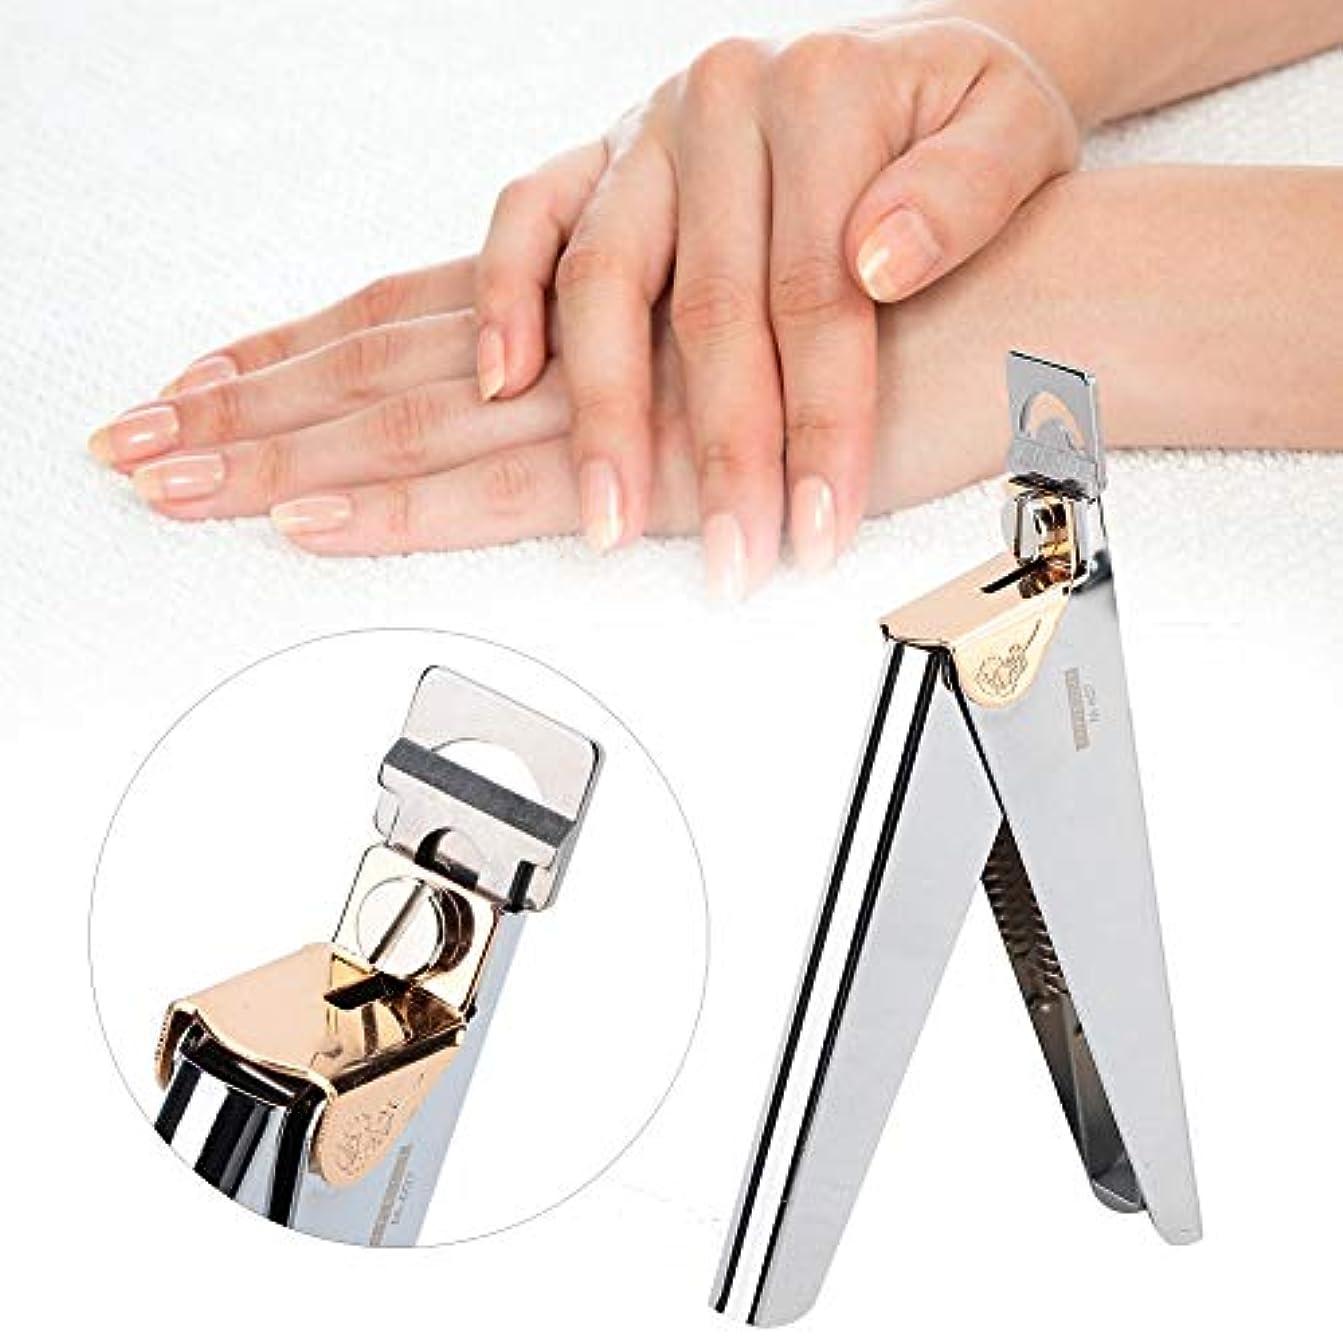 マダムスカウト確かに指爪 爪ケア ネイルチップクリッパーカッター フランス式 プロ U字型ネイルアートクリッパーはさみ - マニキュア偽ネイルチップカッター - ステンレス鋼